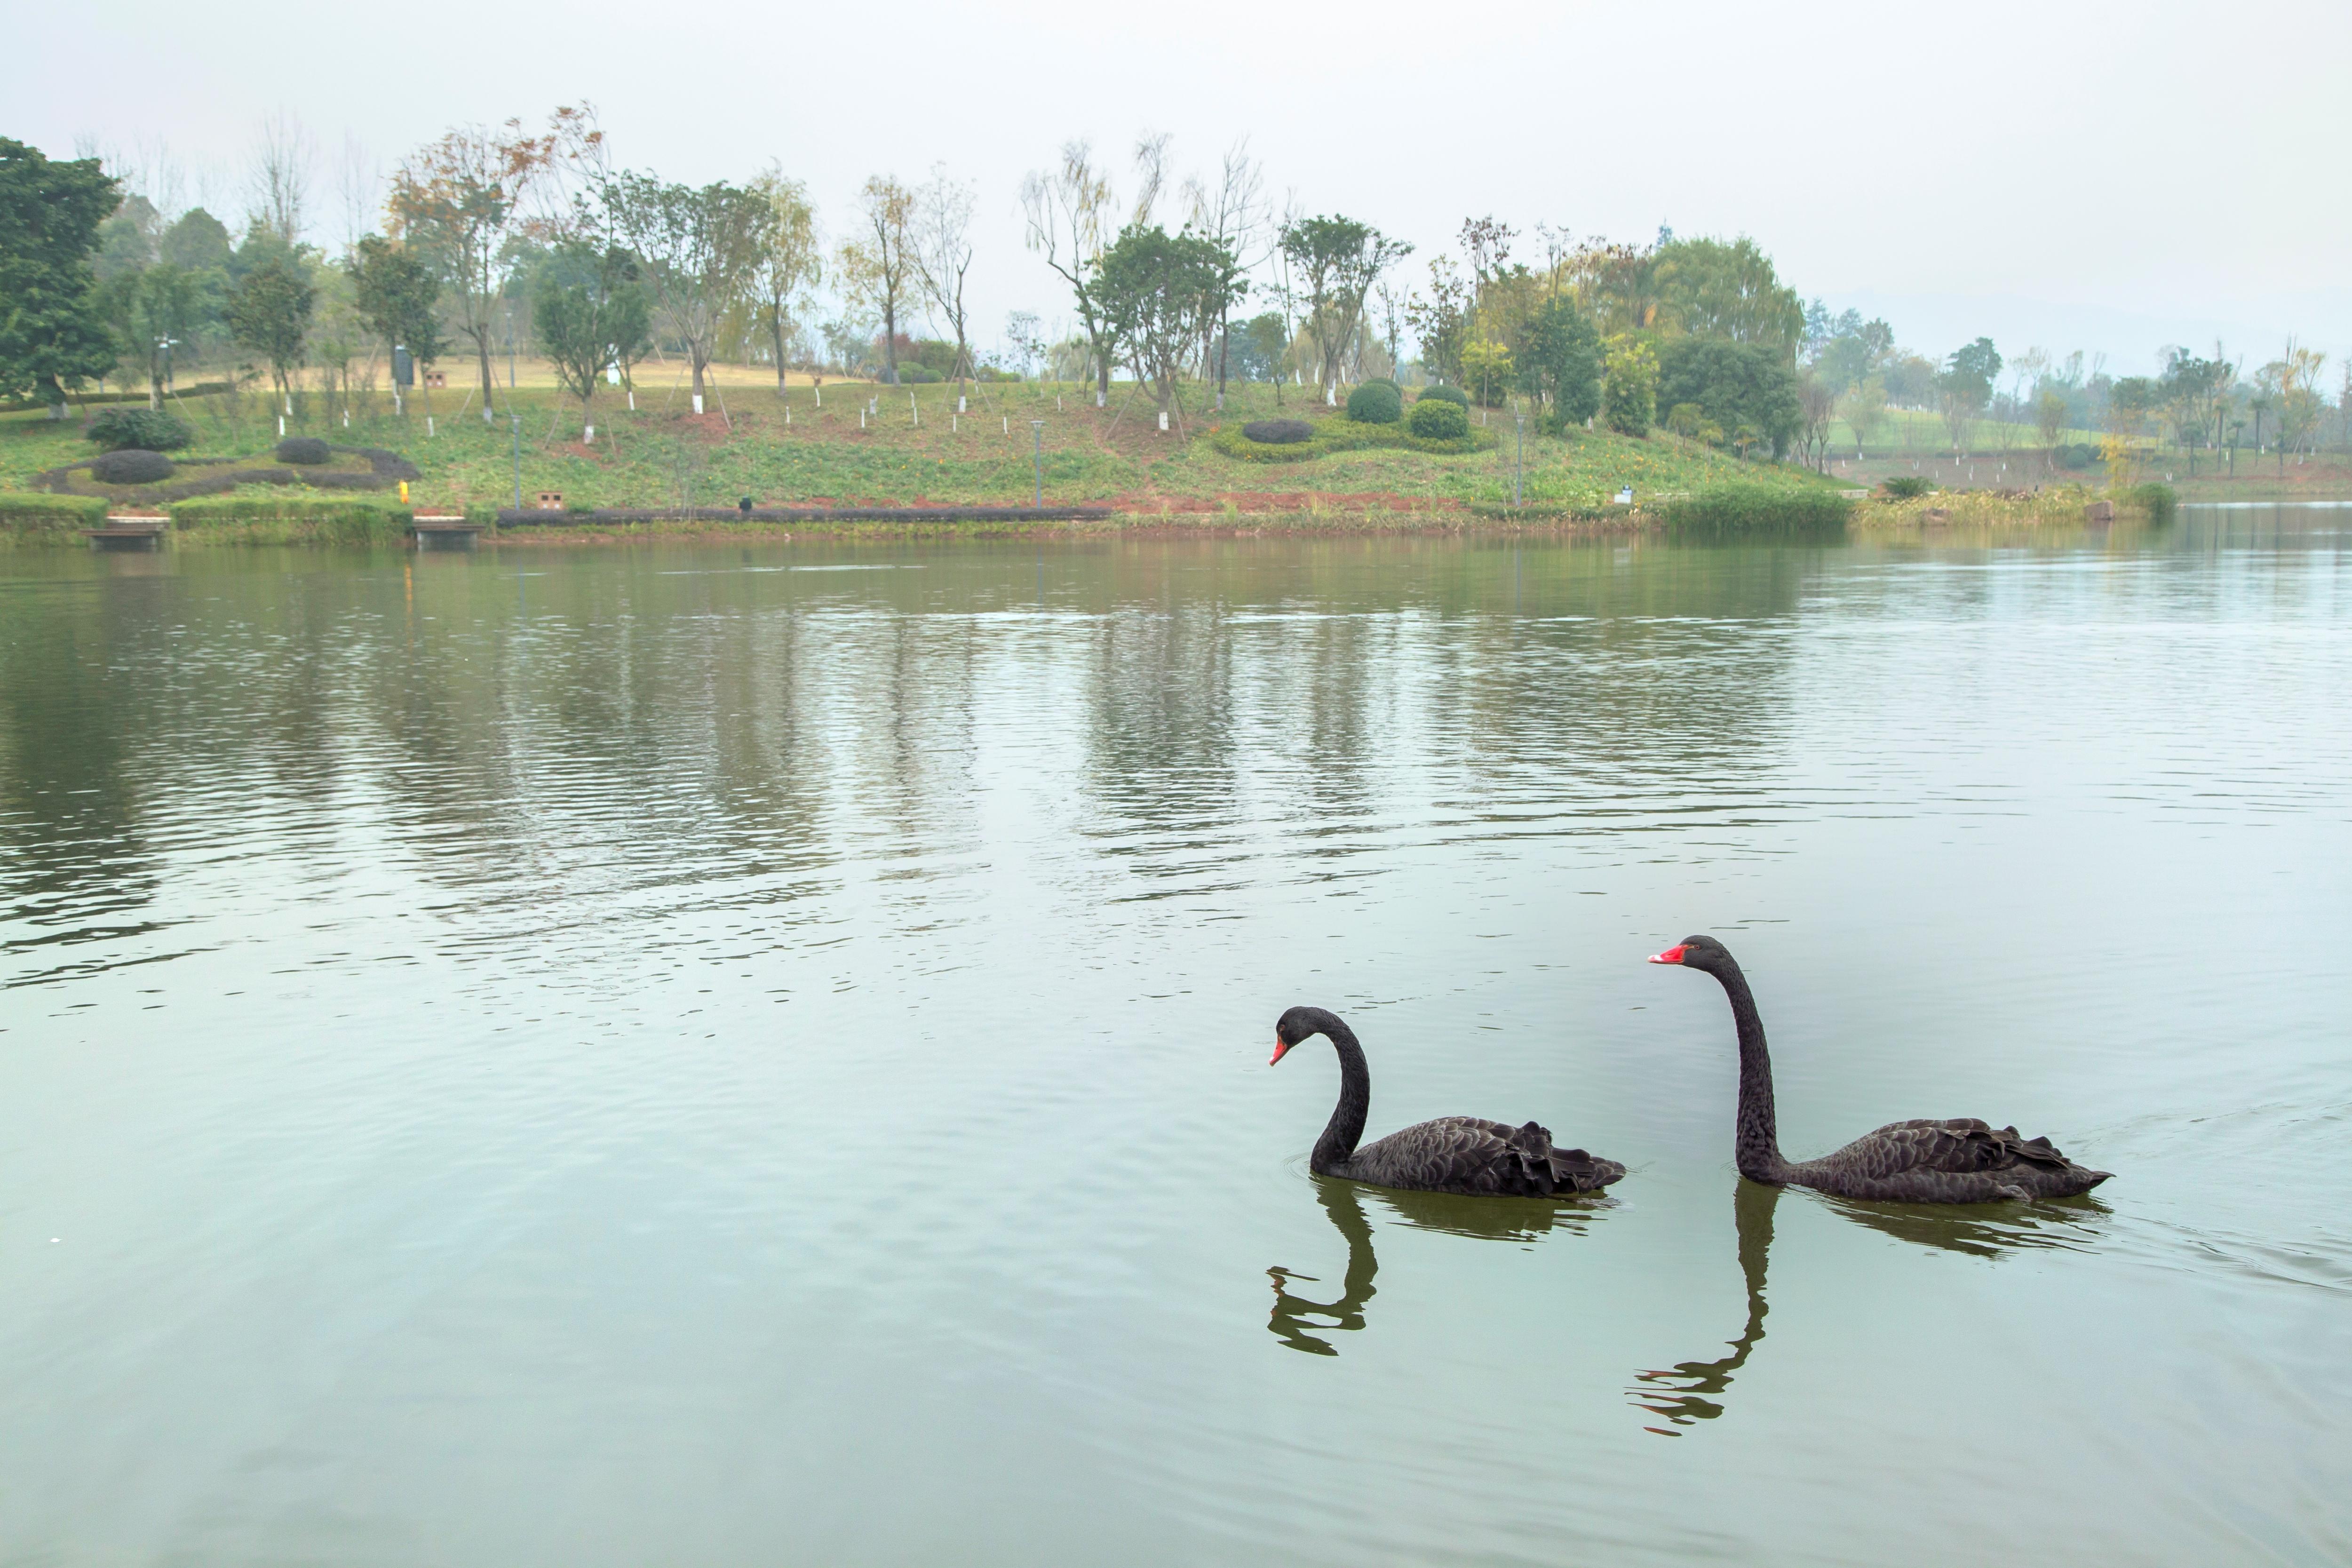 Sancha Lake Scenic Area